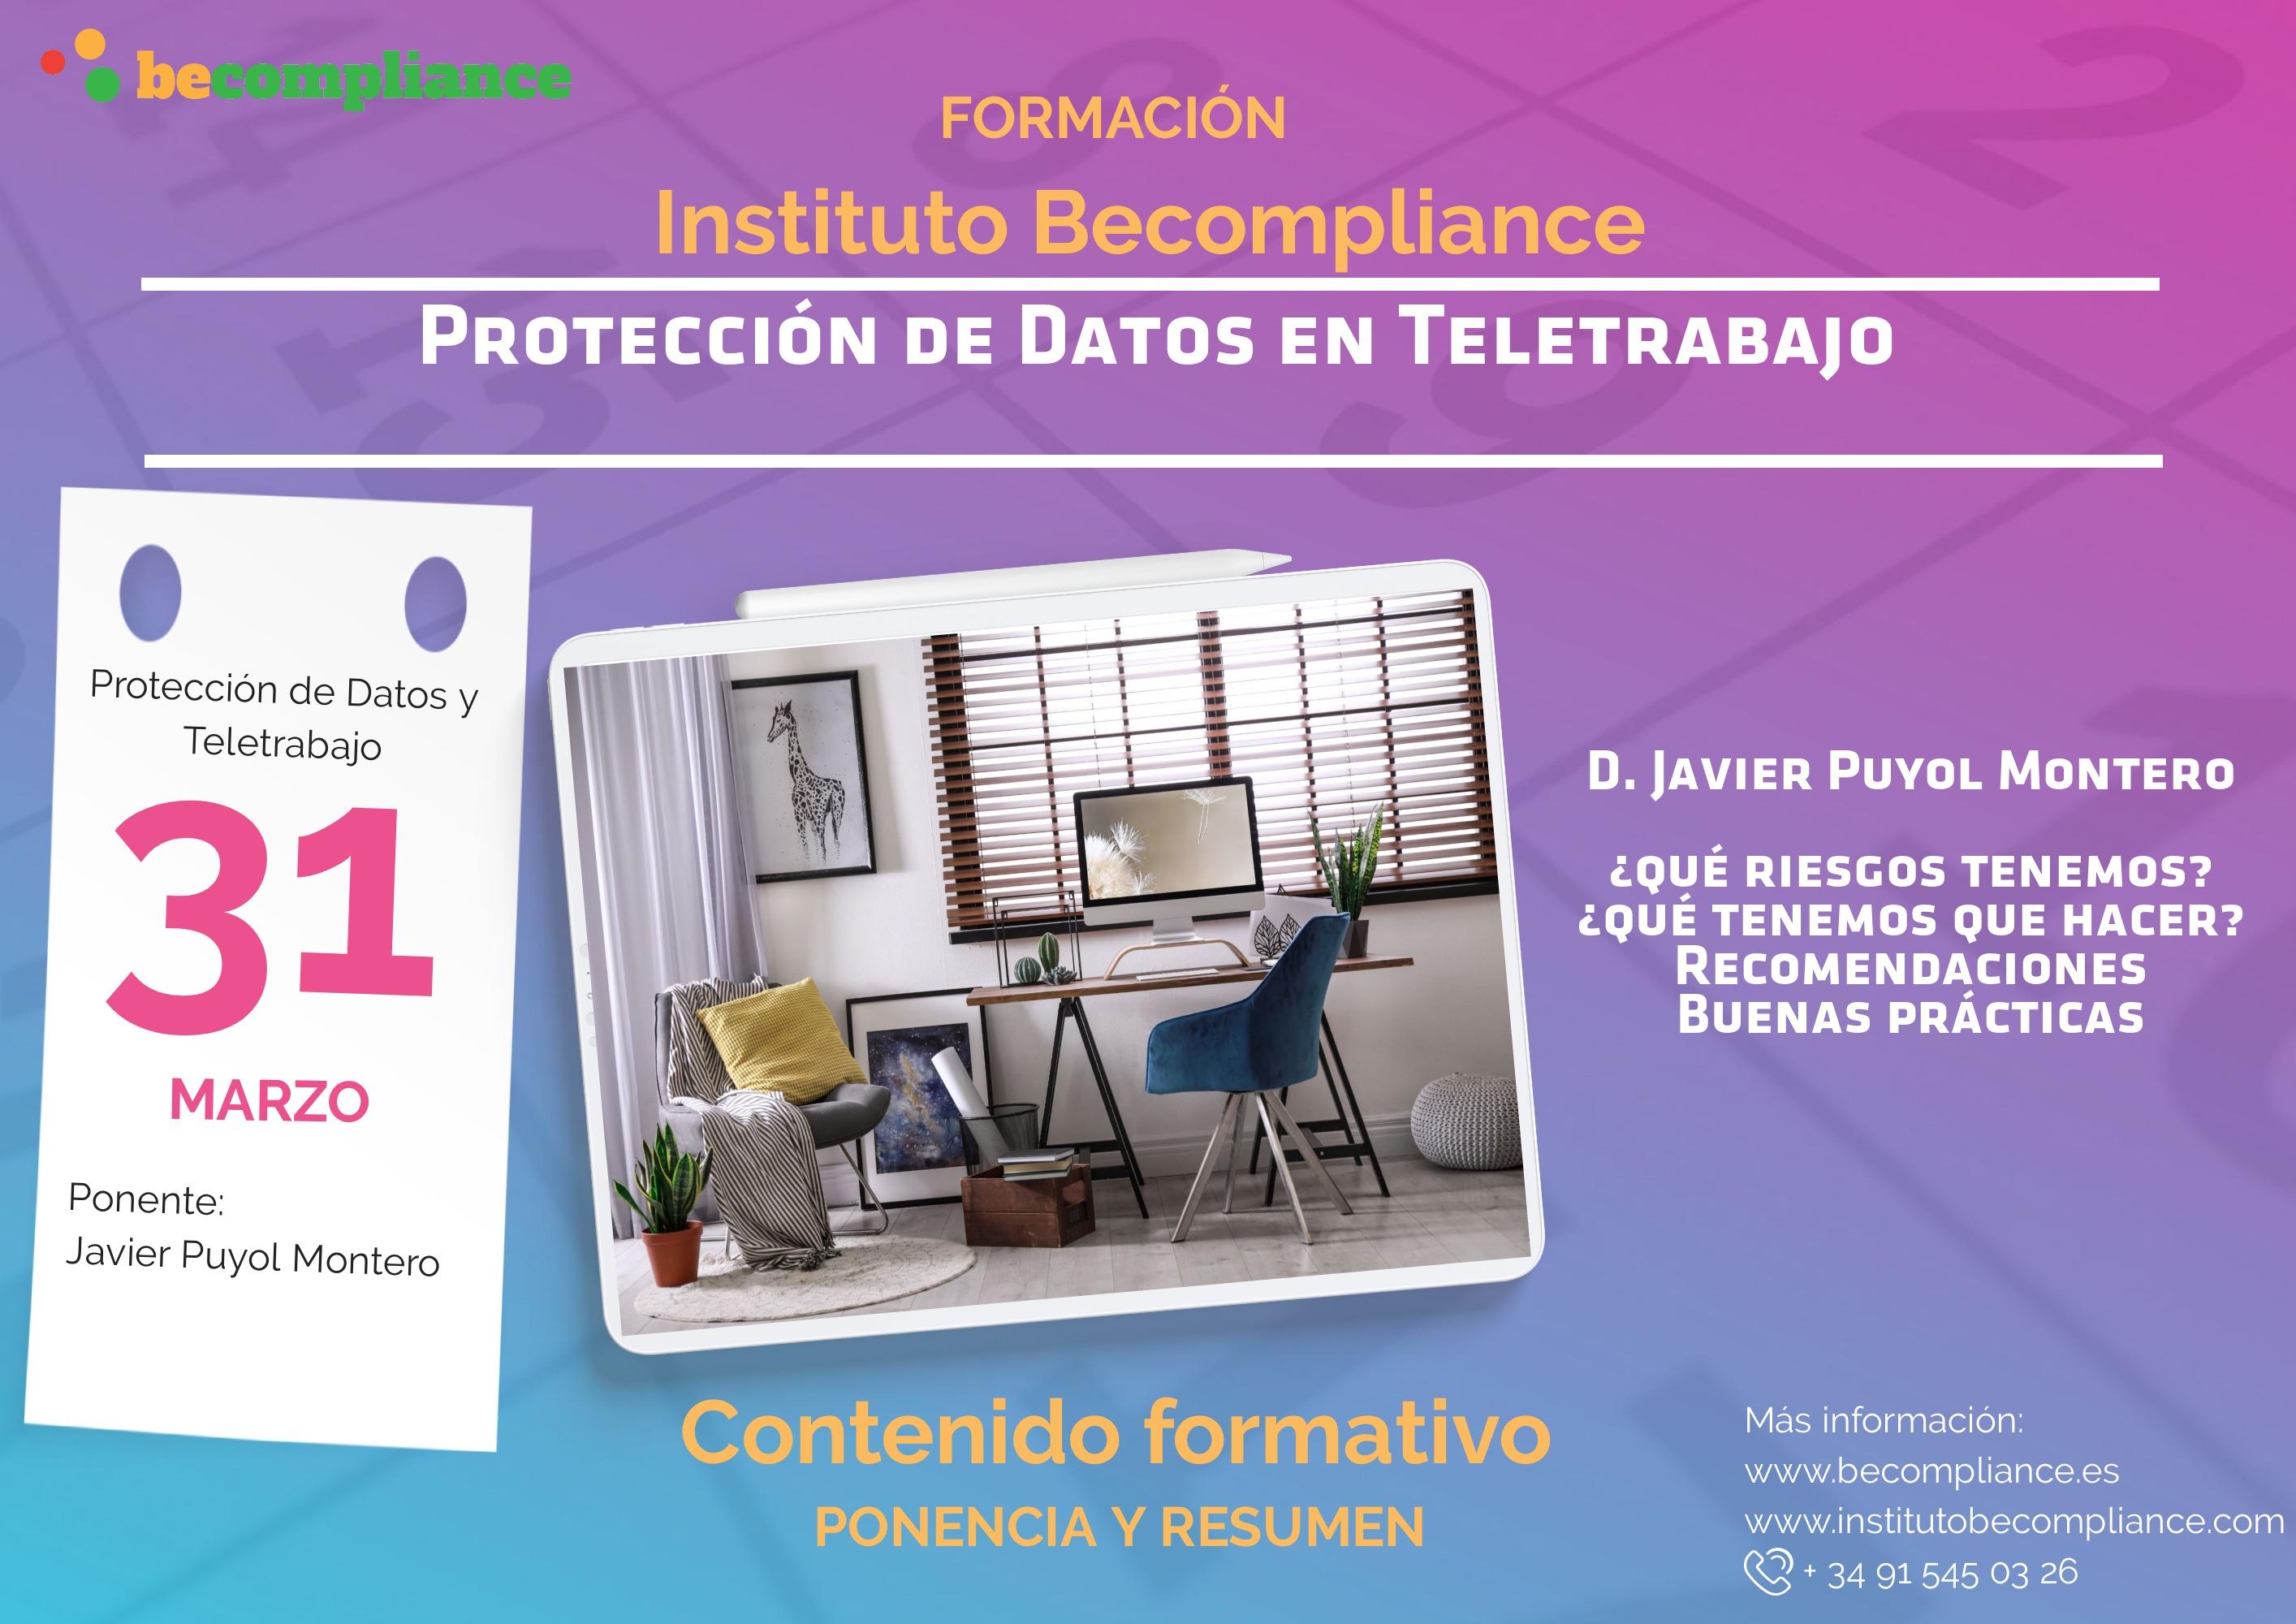 Protección de Datos en Teletrabajo